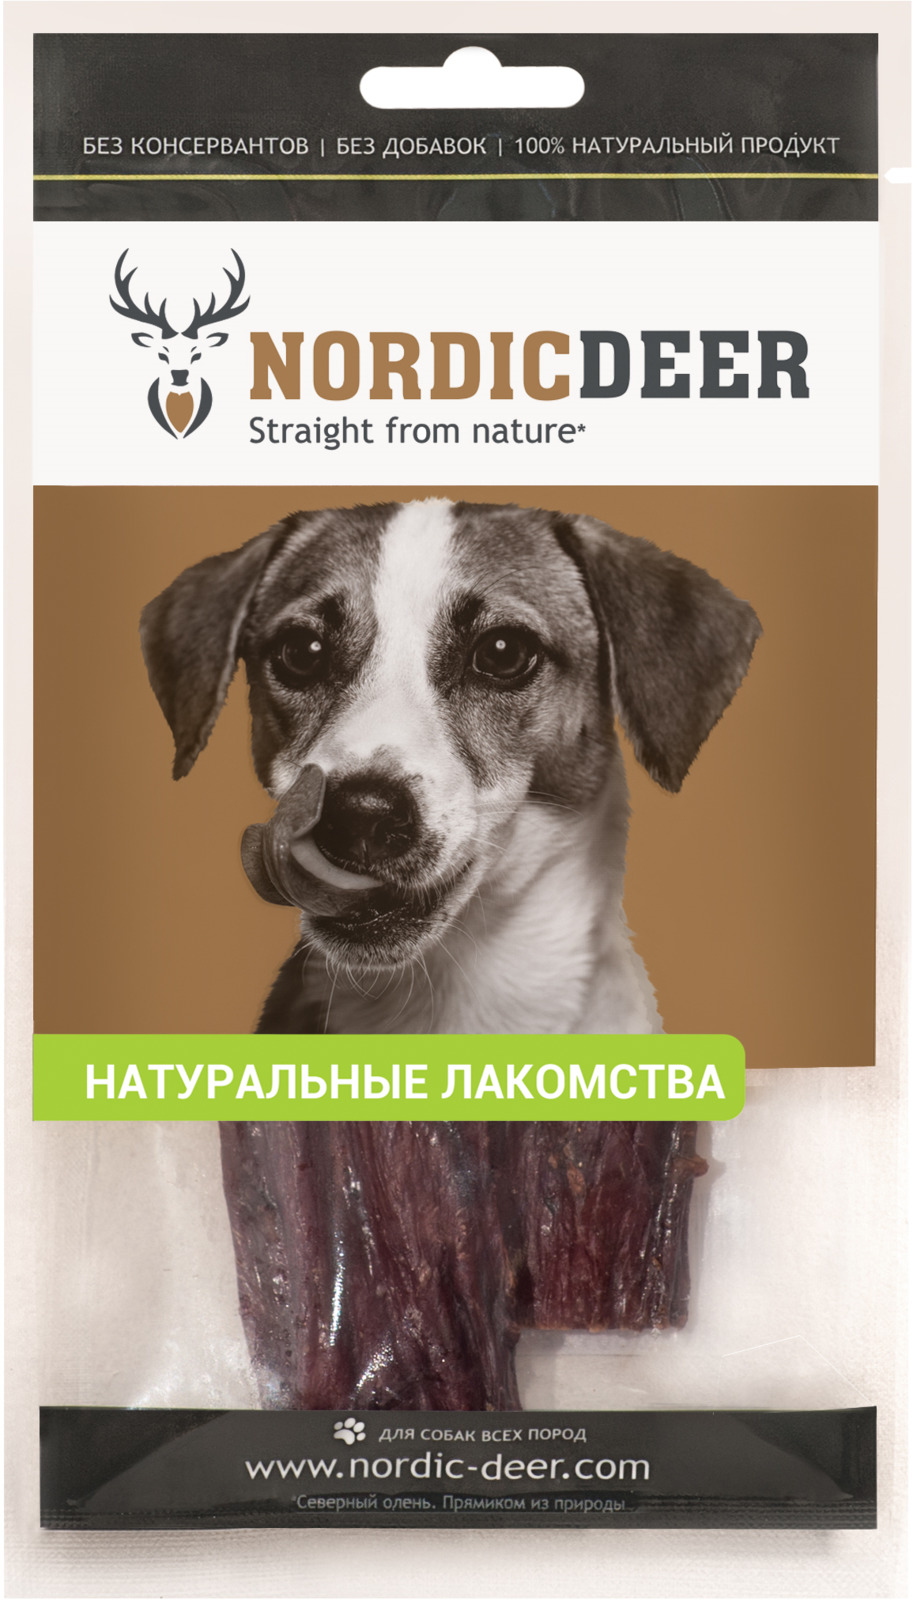 Лакомство_для_собак_~Nordic_Deer~_пищевод_говяжий_-_100%25_натуральный_продукт._Без_консервантов._Без_добавок._Единственный_ингредиент._Высокое_содержание_белков_обеспечит_вашего_питомца_энергией,_а_витамины_и_минералы_помогут_восстановить_и_сохранить_правильный_обмен_веществ_в_организме._Эти_вещества_также_активно_способствуют_повышению_иммунитета_и_нормальному_развитию_мышечной_ткани.Идеально_подходит_для_дрессуры_в_качестве_кратковременного_поощрения_питомца._Помогает_сохранить_обувь_и_мебель_в_безопасности.Состав:_сушеный_пищевод.Вес_упаковки:_40_г.Товар_сертифицирован.